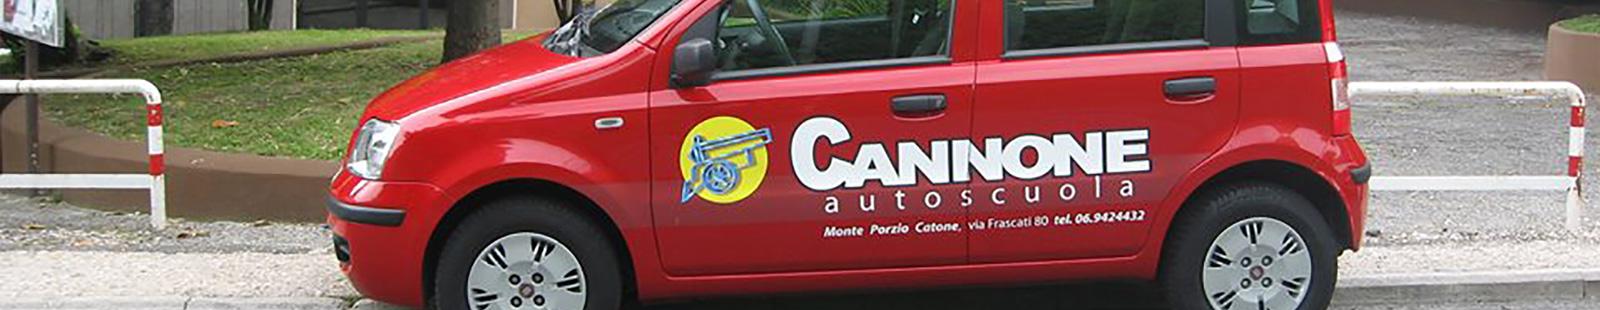 autoscuola Monte Porzio Catone